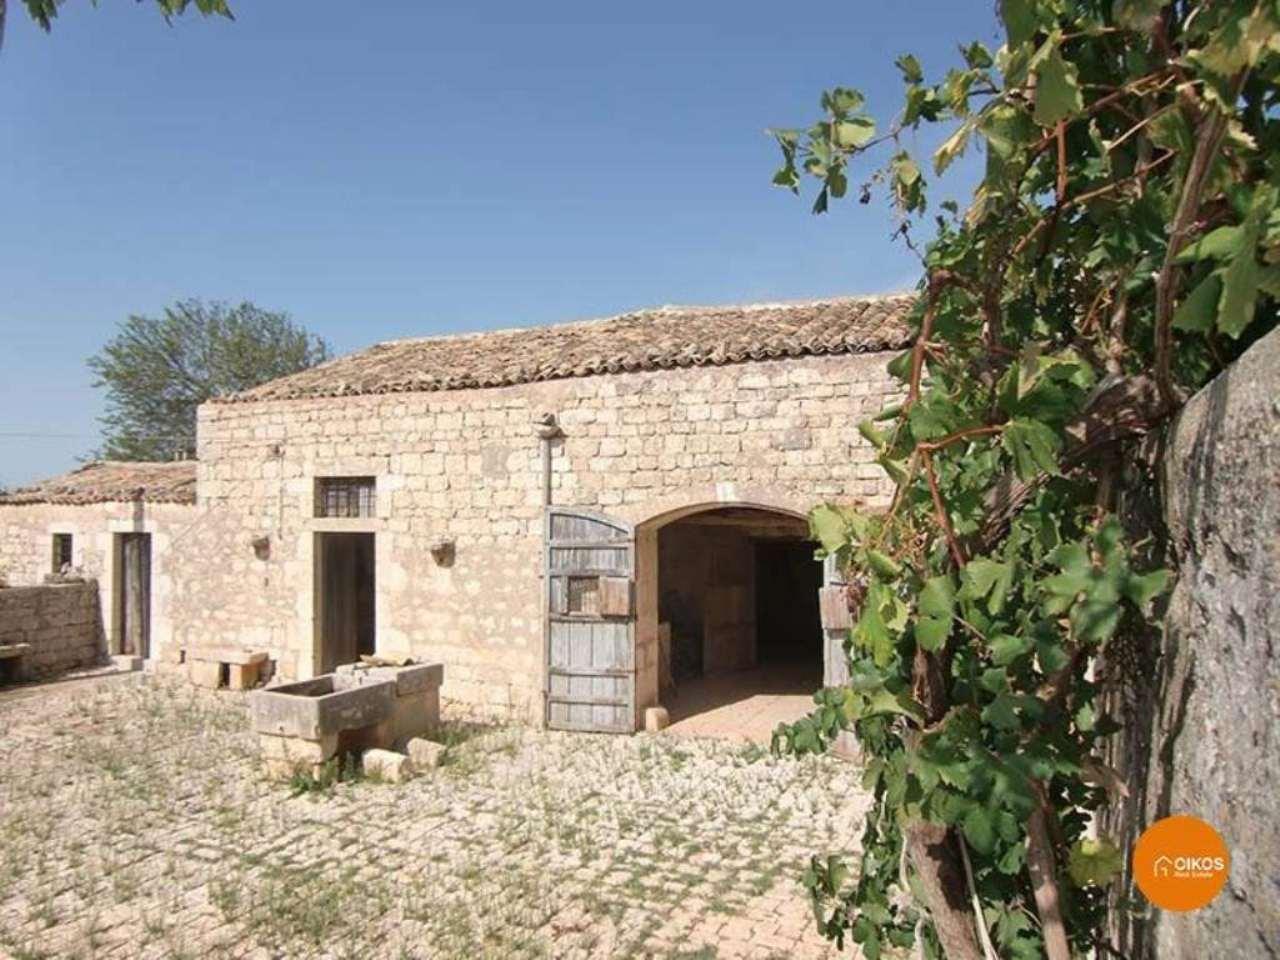 Terreno Agricolo in vendita a Rosolini, 4 locali, prezzo € 195.000 | Cambio Casa.it